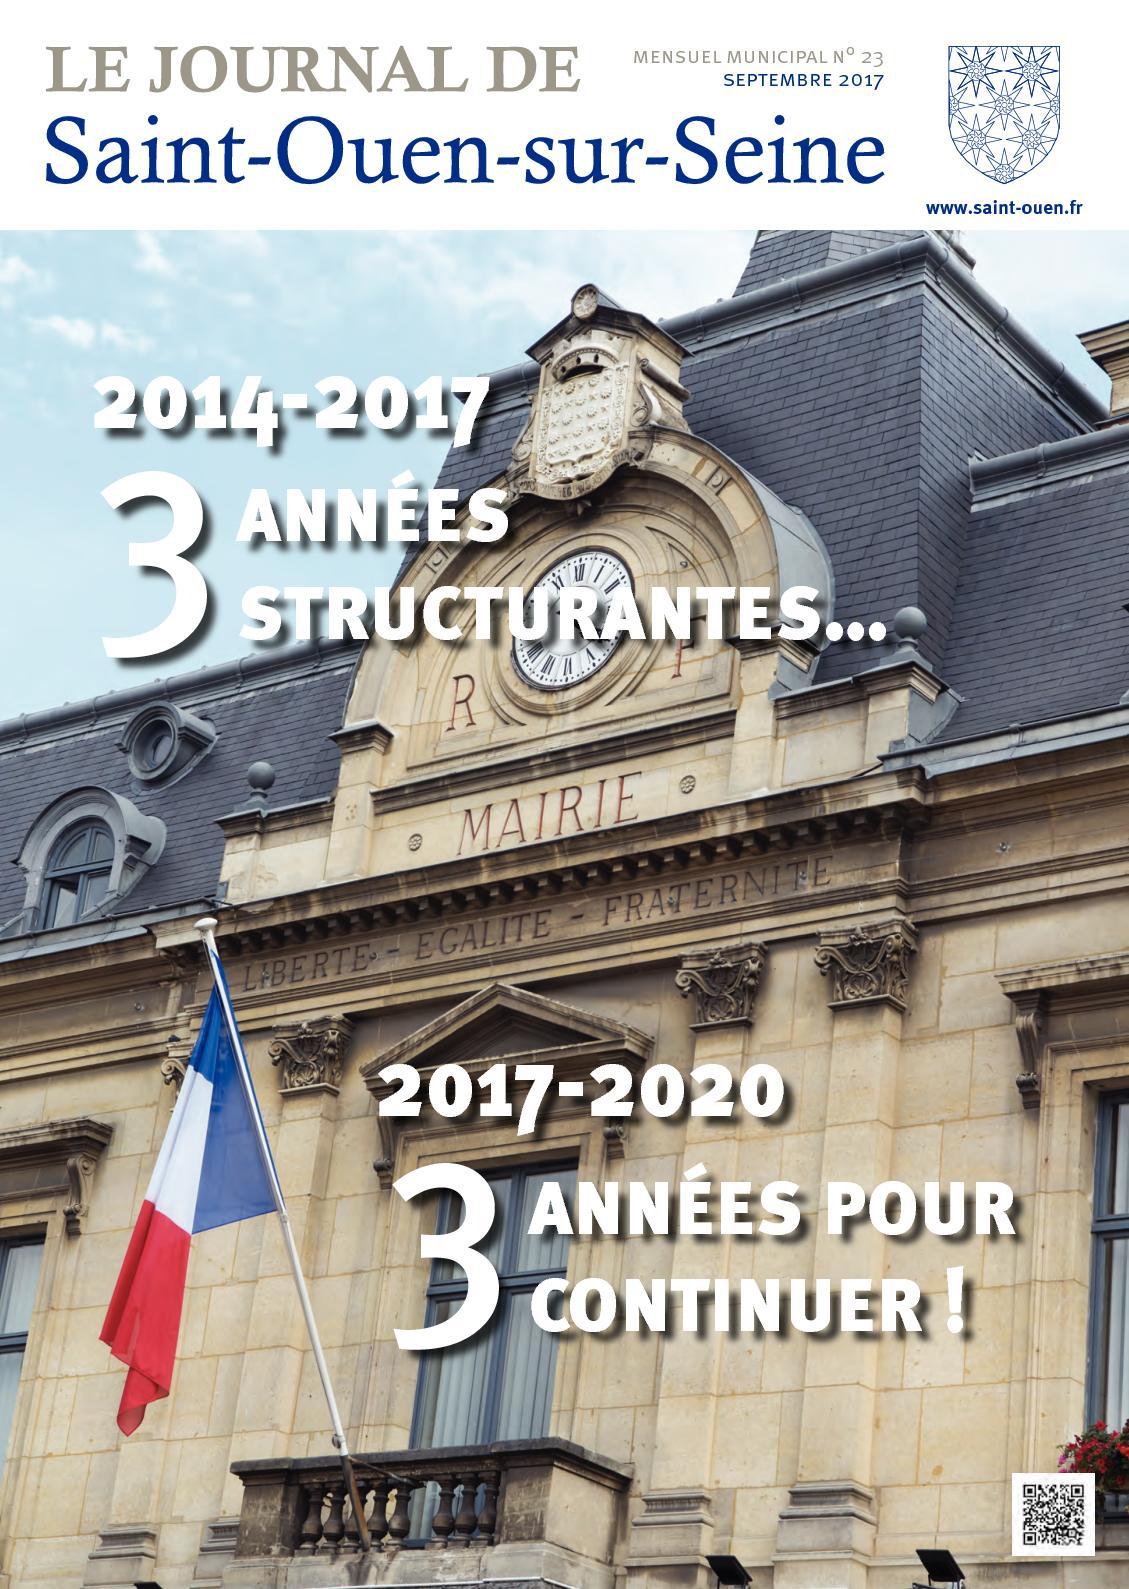 de Ouen ° Calaméo de 2017 23 El Diario Saint de Seinen septiembre Sur 5Aqc4R3jSL